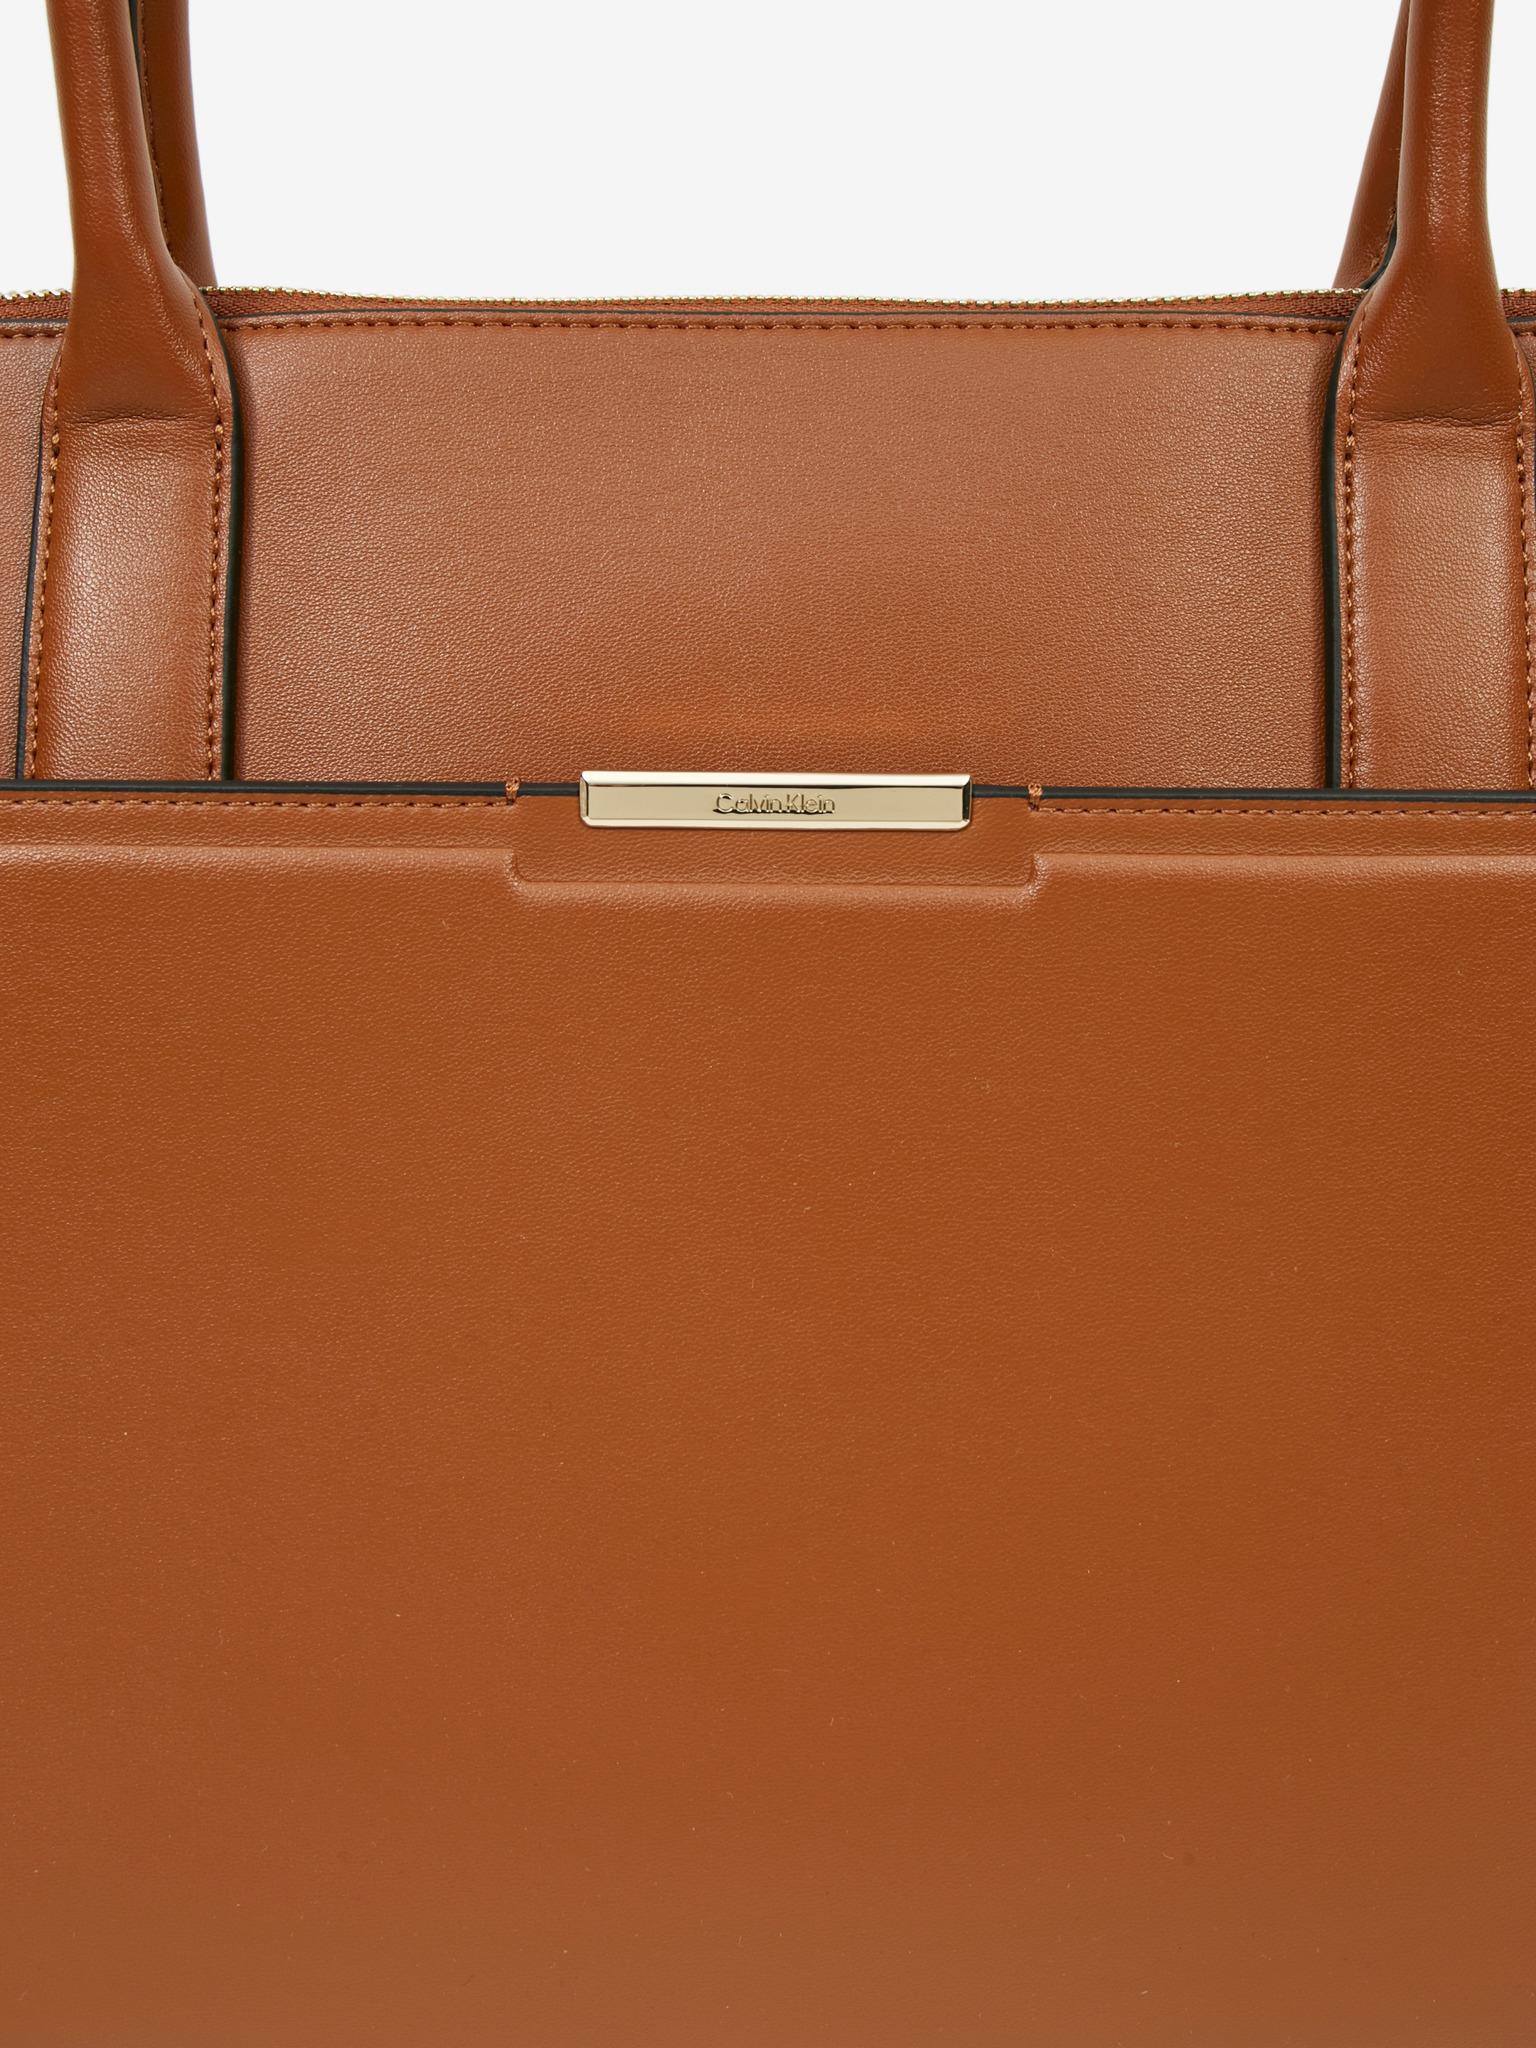 Calvin Klein rjava torbica Focused Medium